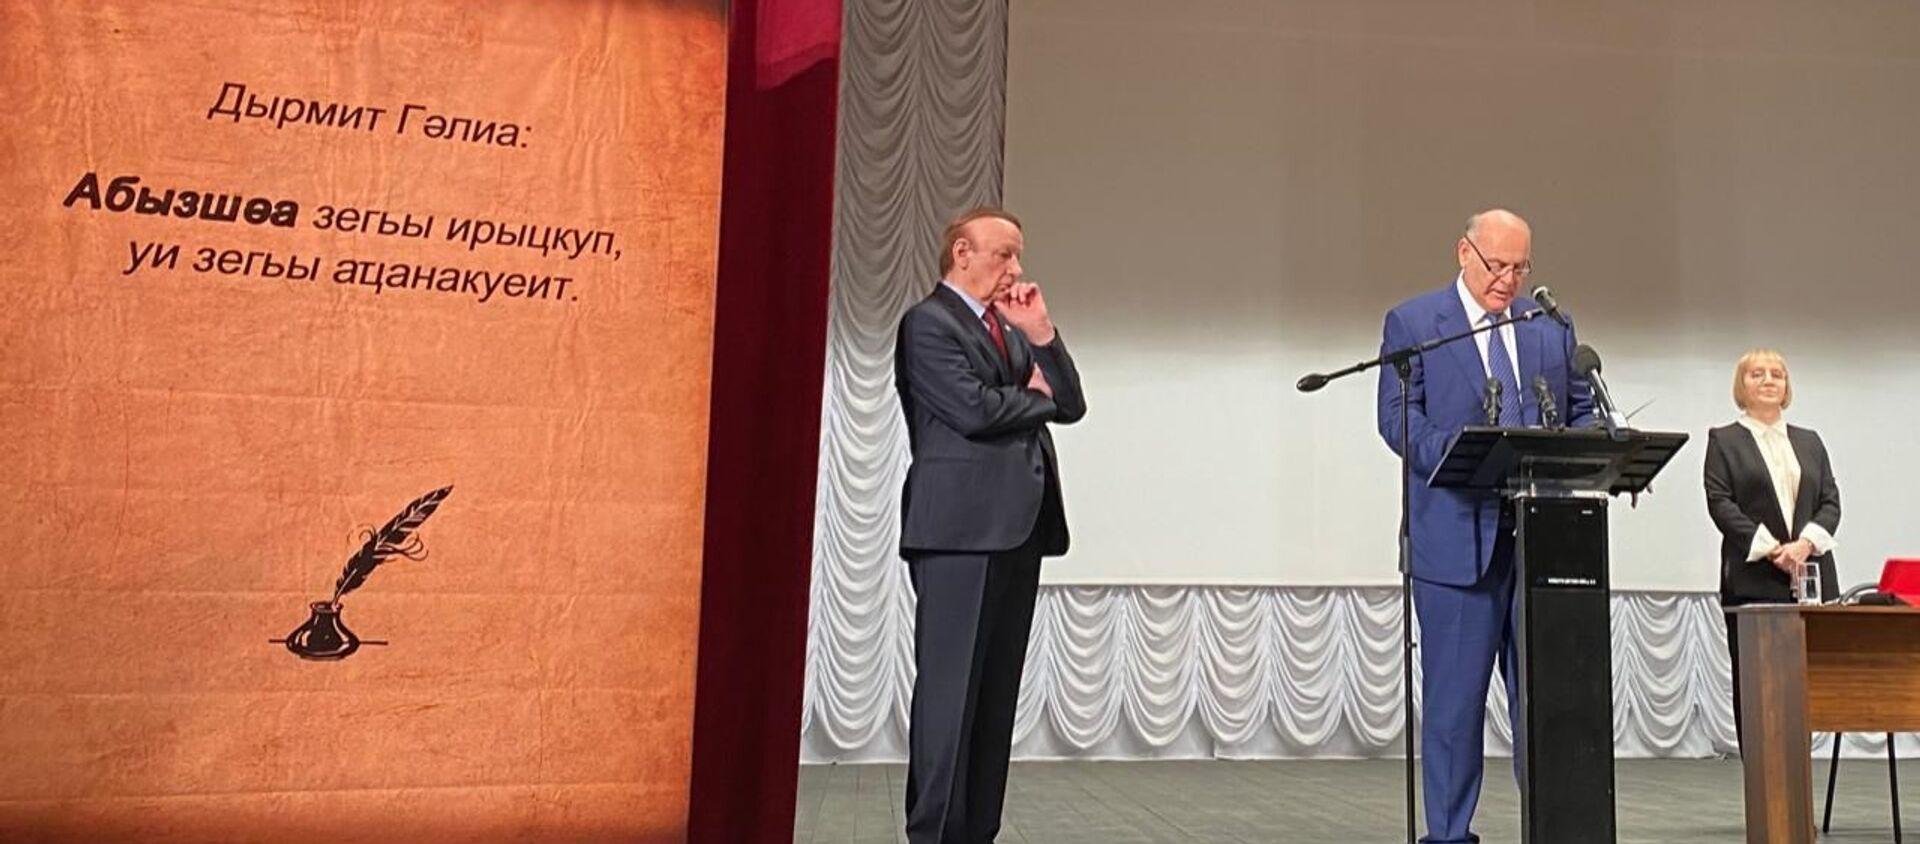 Президент Абхазии Аслан Бжания посетил сегодня Абхазский государственный университет для участия в Общенациональном Лингвистическом Форуме - Sputnik Абхазия, 1920, 10.06.2021